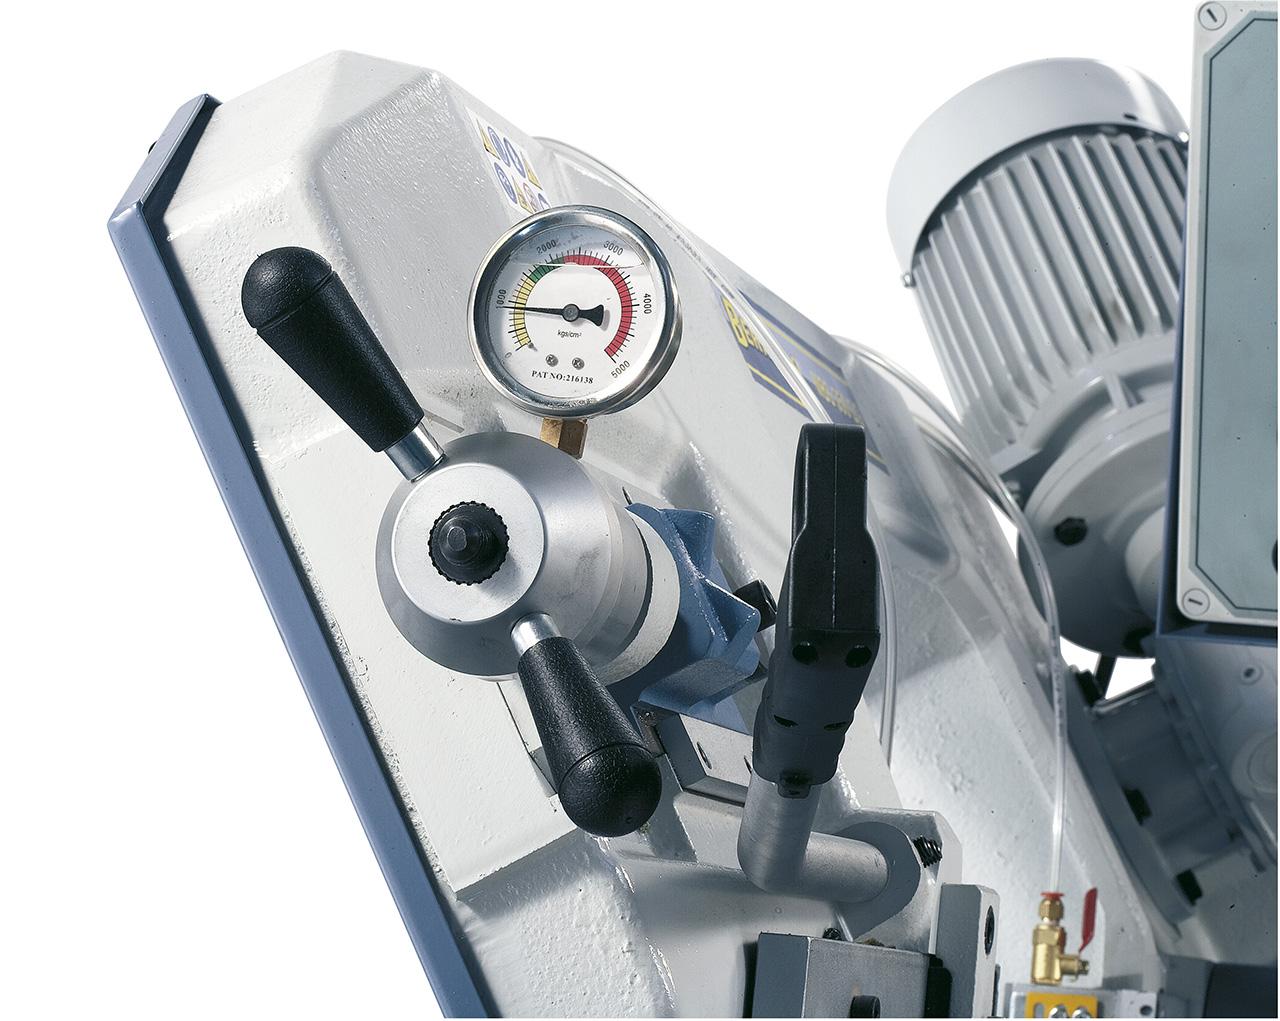 Kontrolle der Sägebandspannung mittels Manometer.